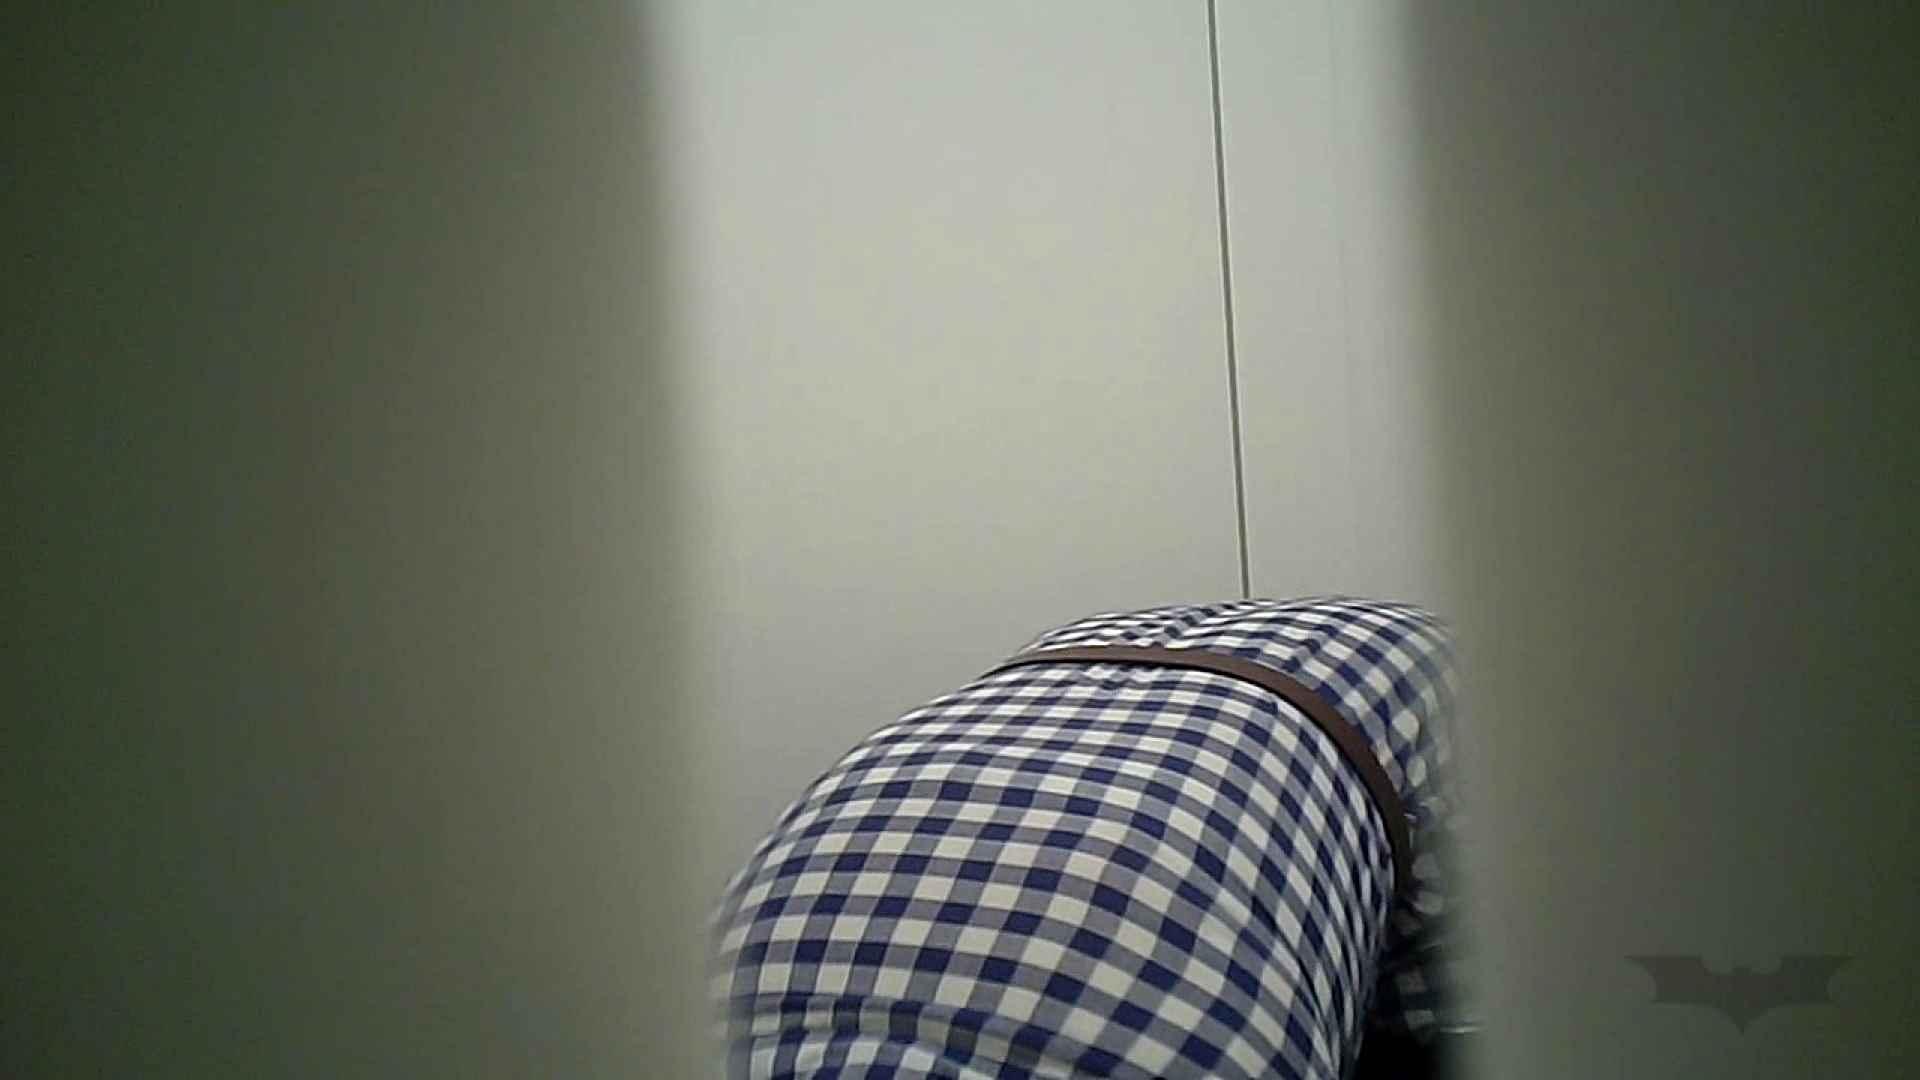 有名大学女性洗面所 vol.38 おやっ!お着替えシーンもいただきましたよ。 排泄 AV無料動画キャプチャ 67画像 8